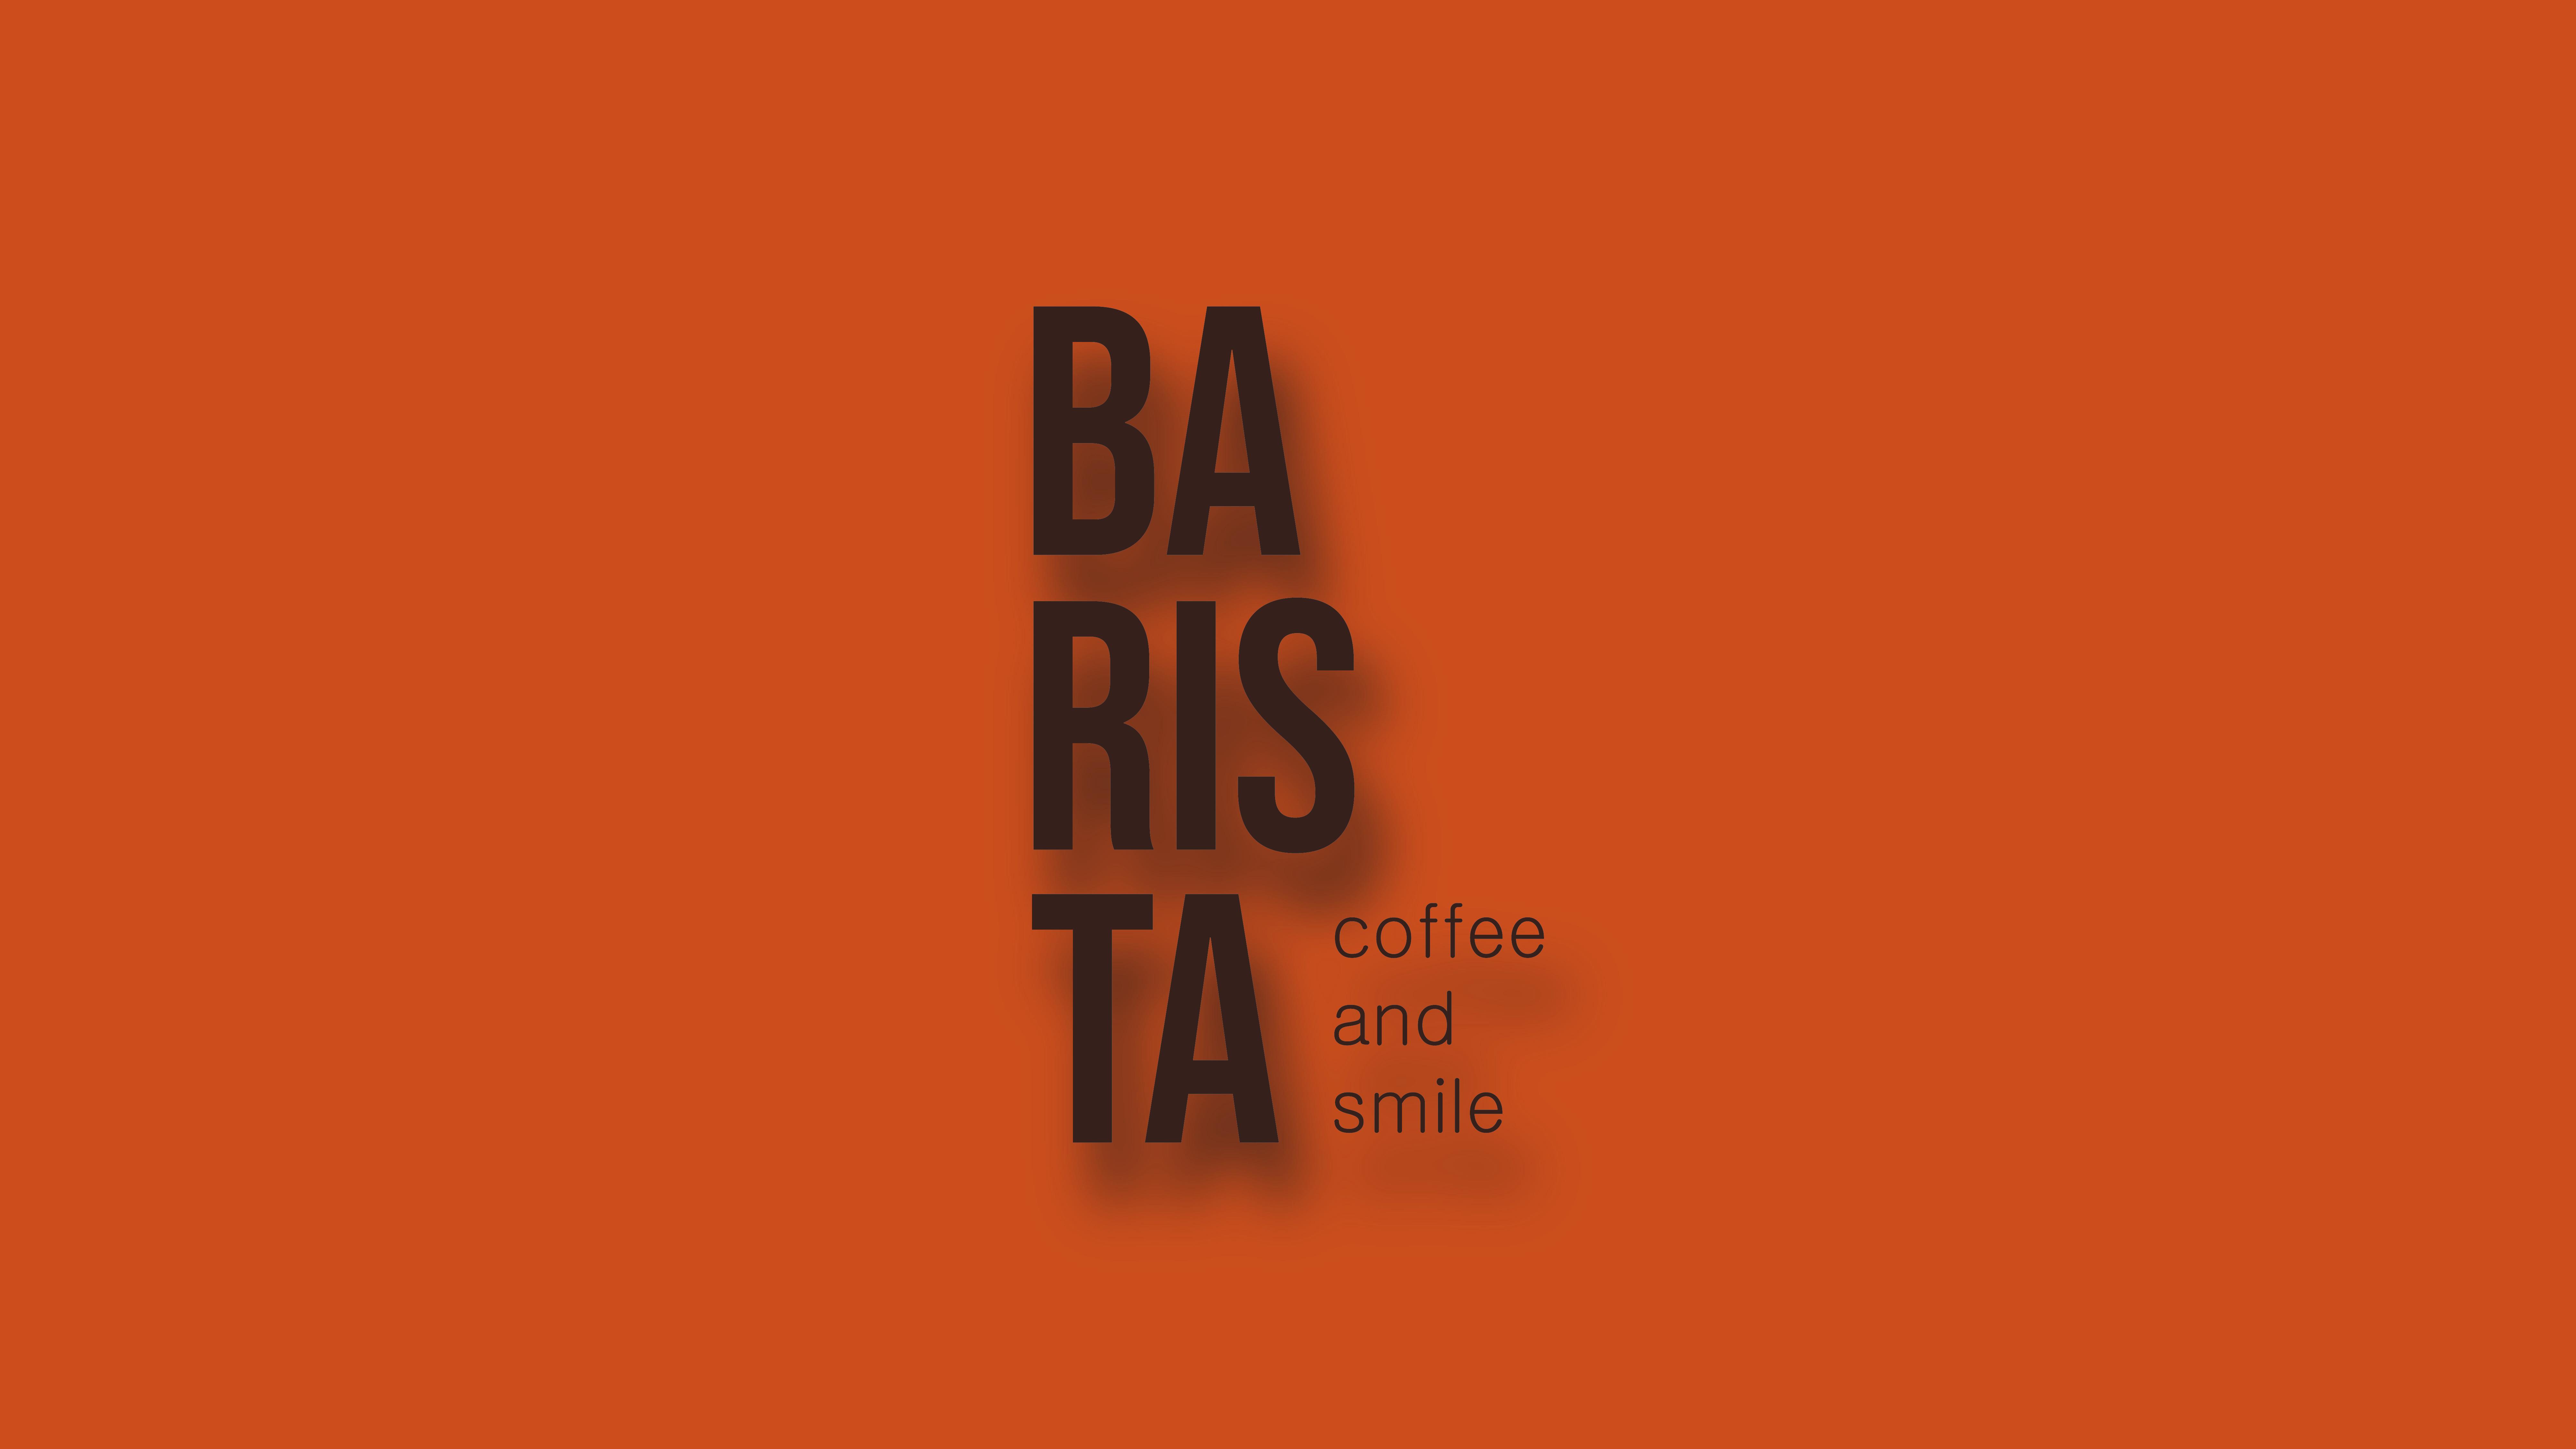 Ребрендинг логотипа сети кофеен фото f_4755e798b45a807f.png